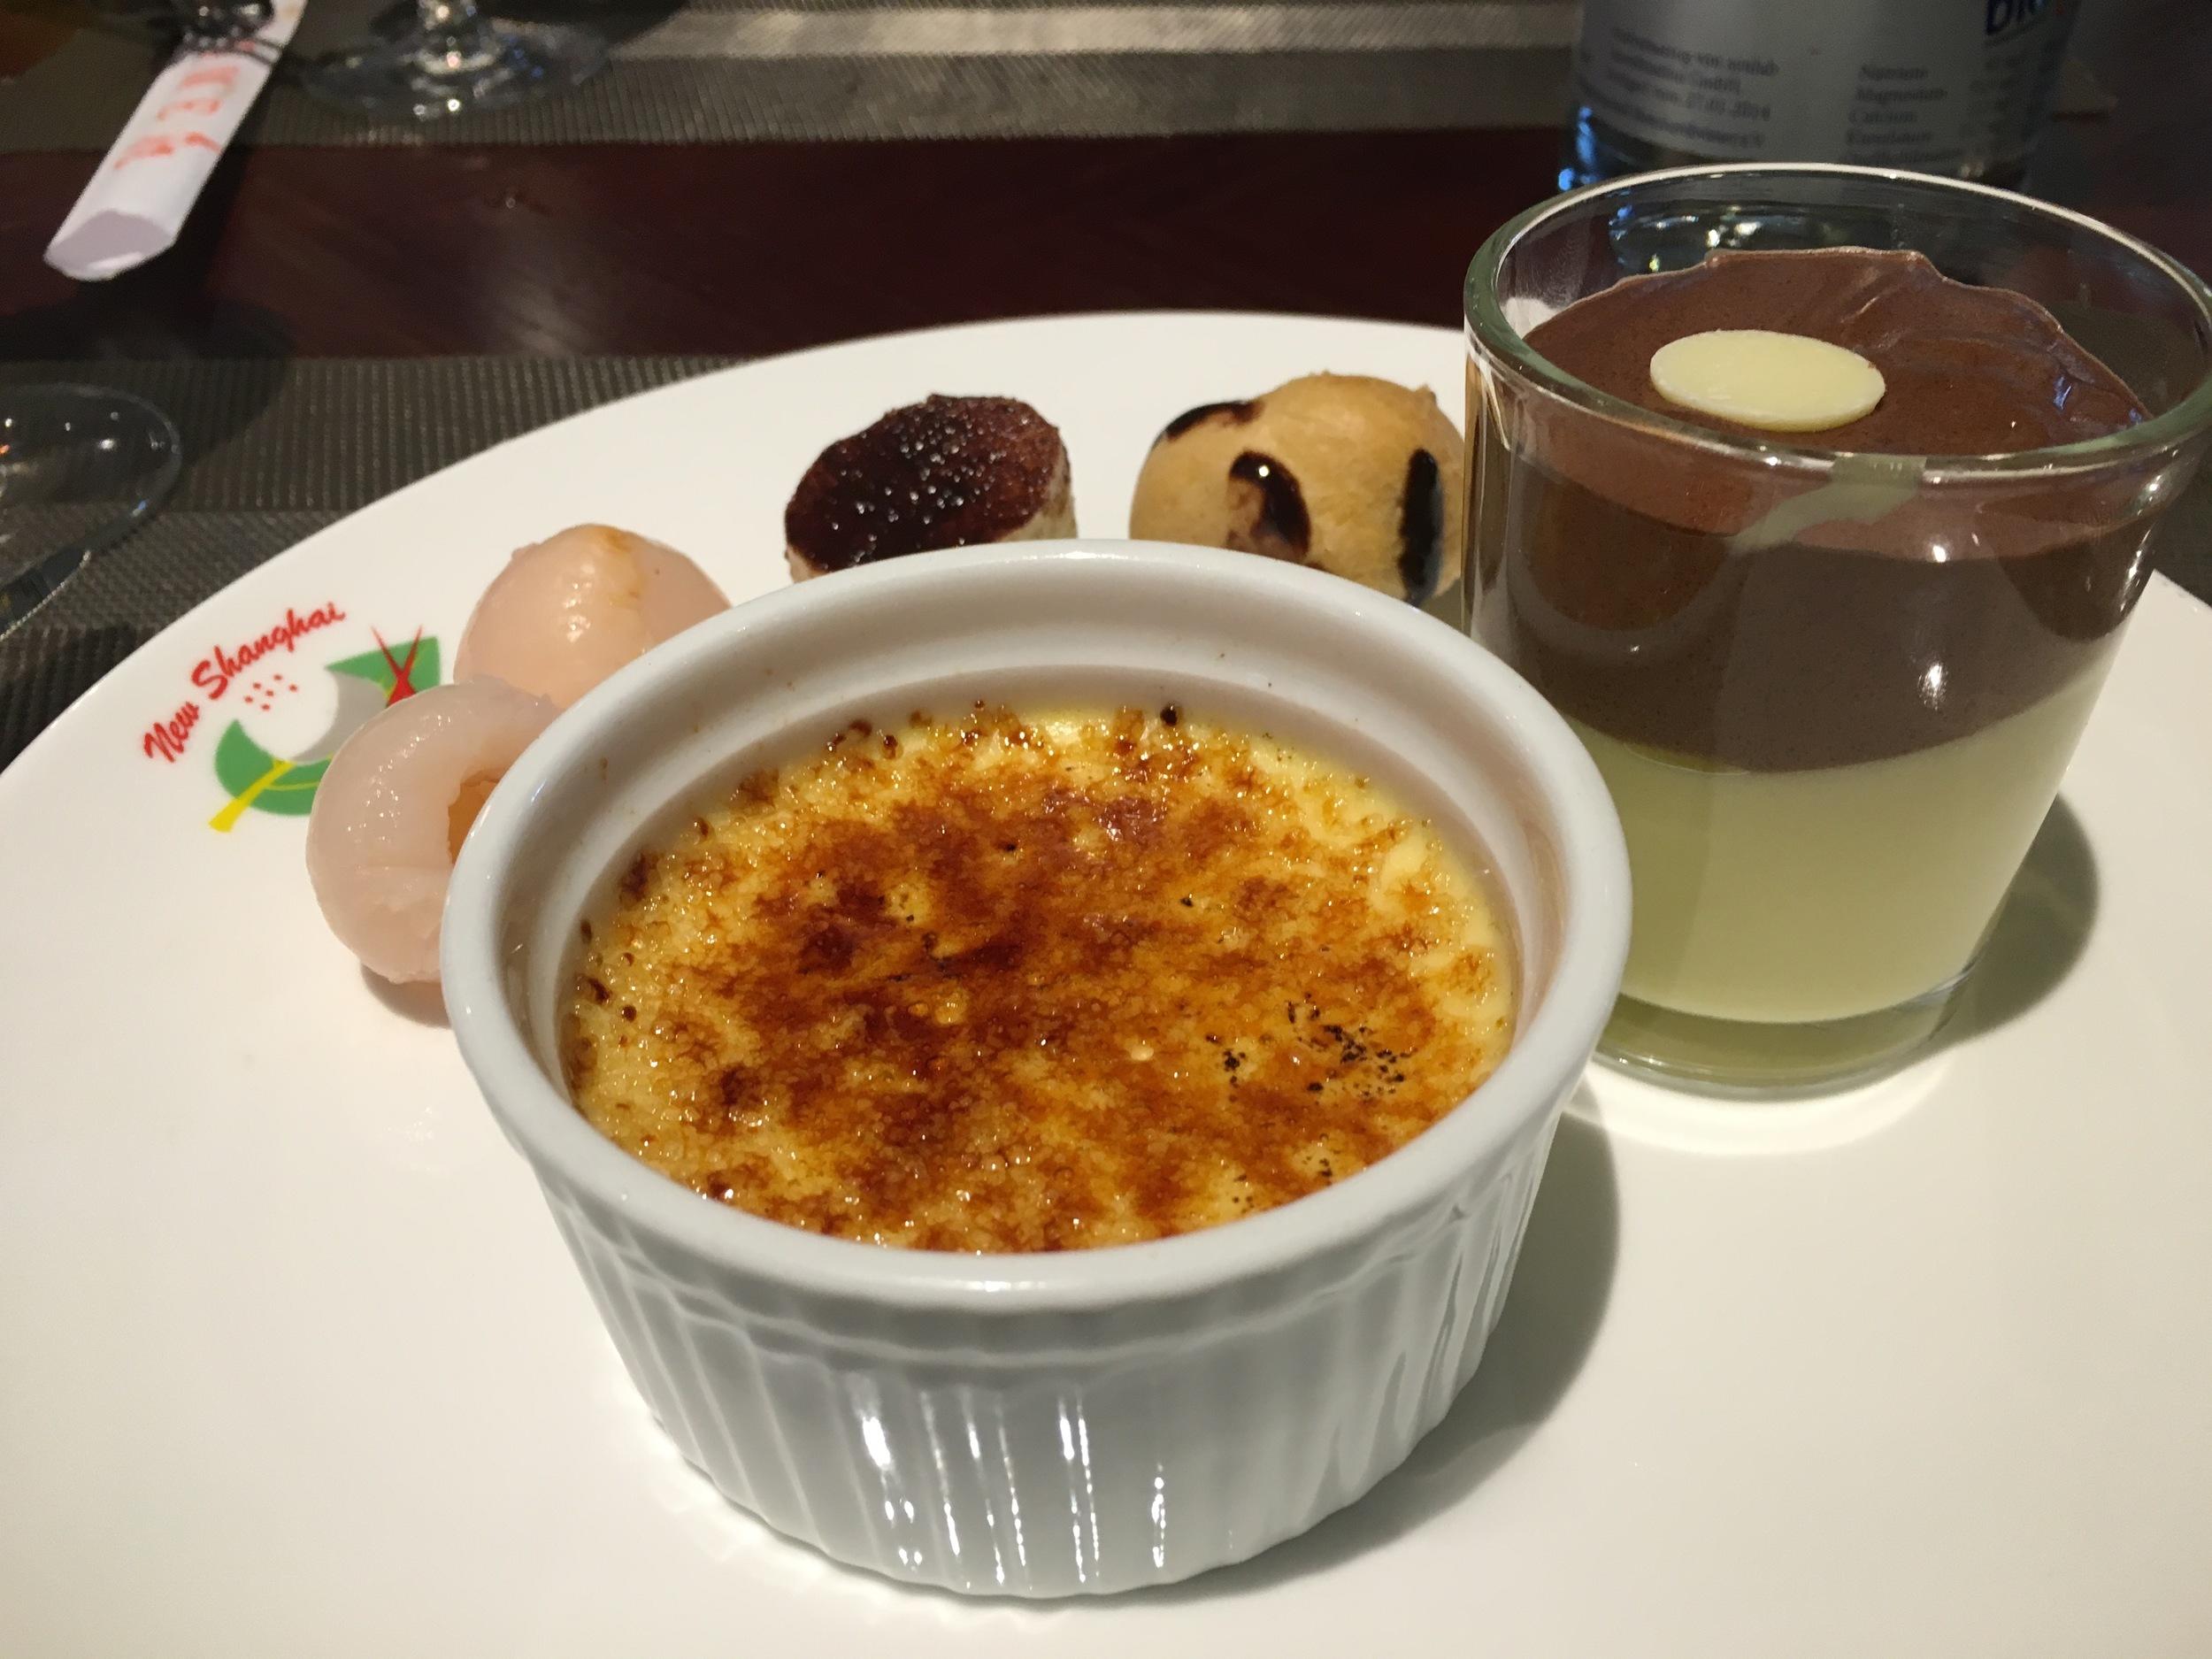 Dessert plate #3